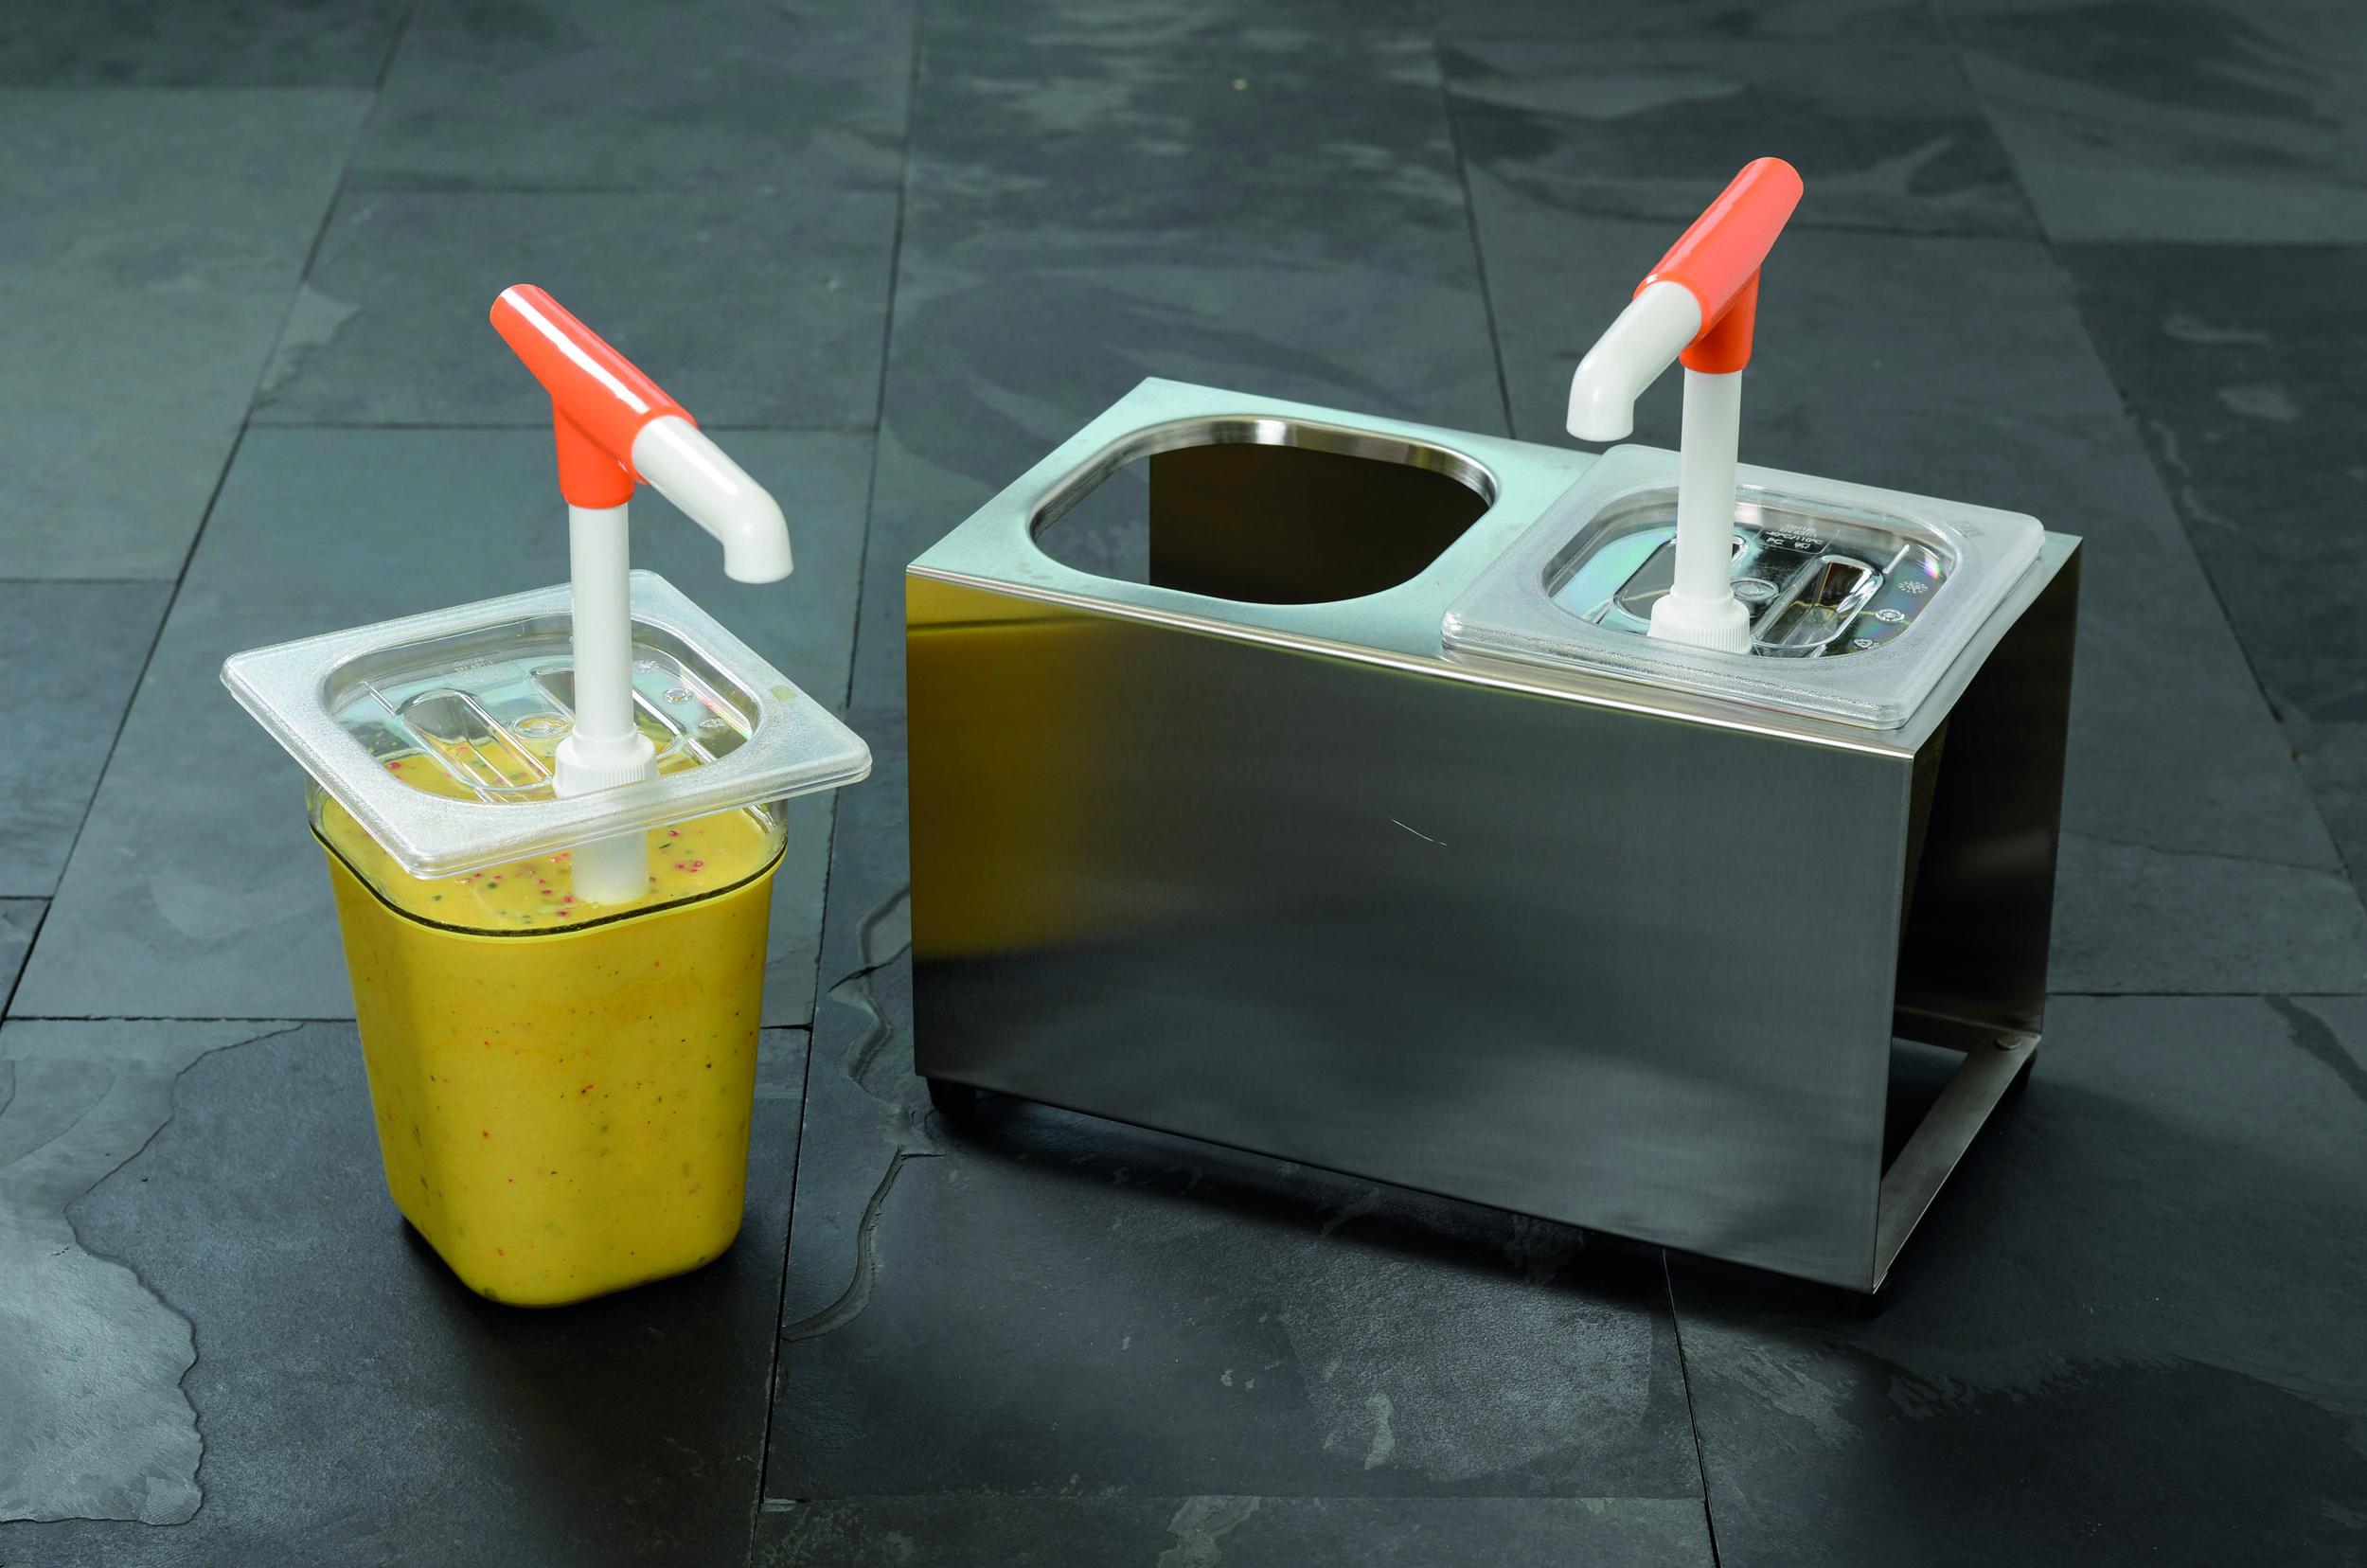 DOSIERSEPNDER 2 x 2,5 l    Maße   (B x H x T):  ohne Dispenser: 36 x 20 x 21,5 cm  mit Dispenser: 36 x 20 x 39 cm   Füllbehälter: 2 x 1/6 GN   Füllinhalt: 2 x 2,5 l